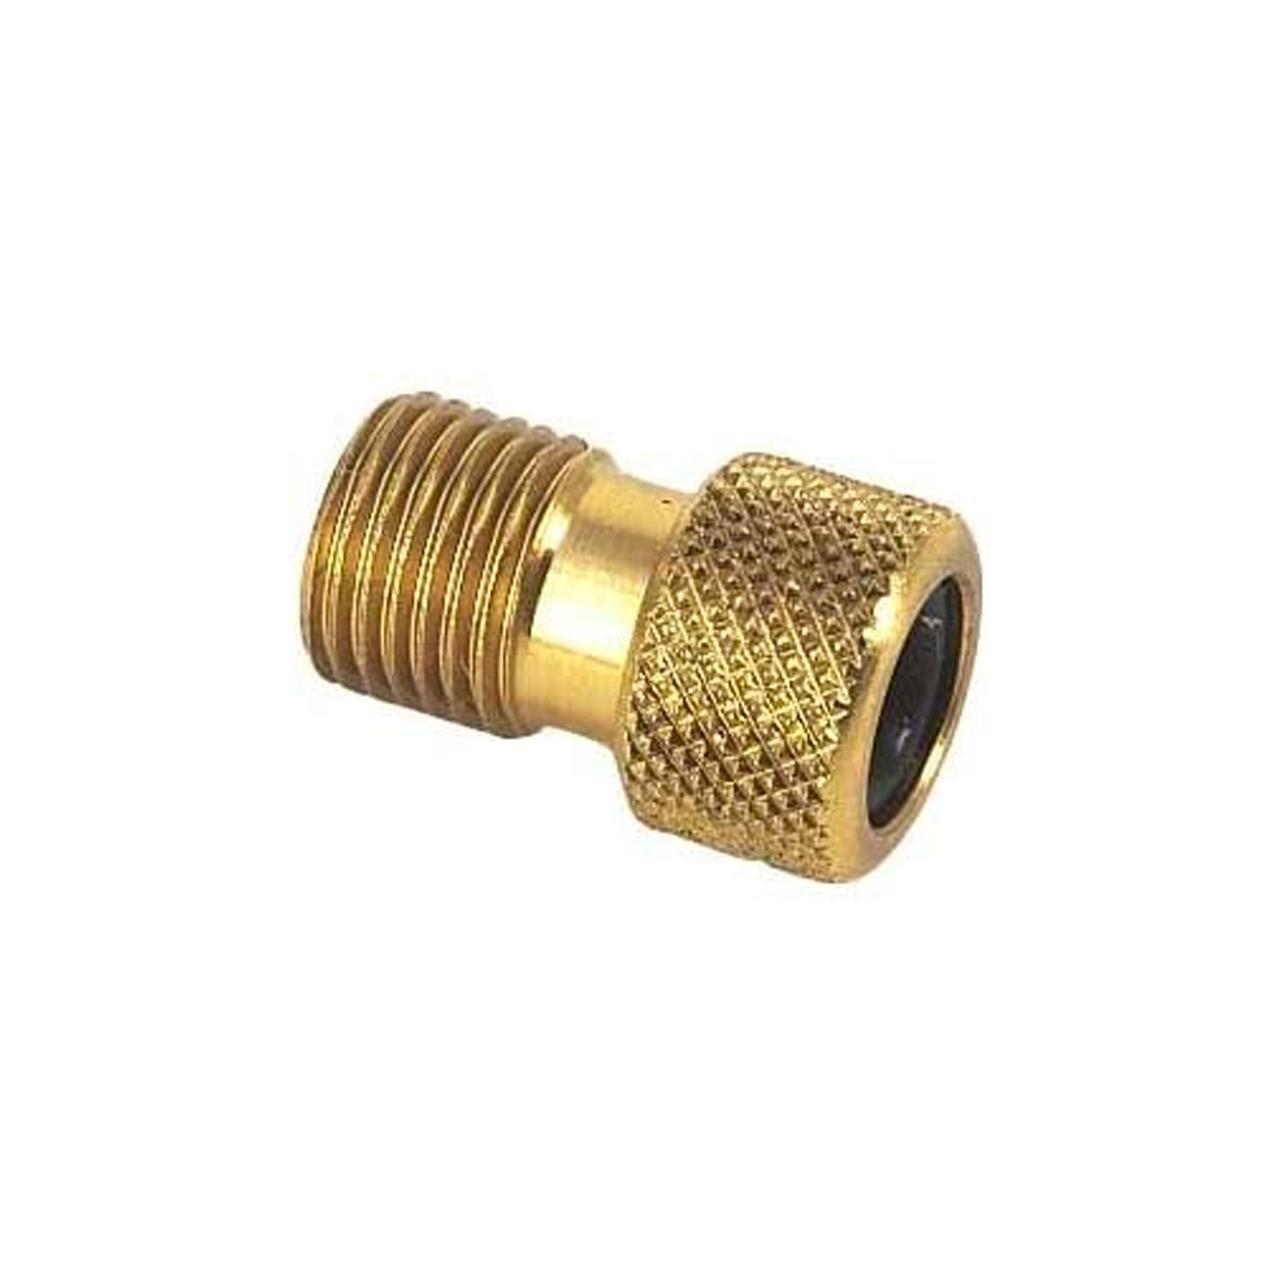 Weldtite MK2 Brass Presta to Schrader Adaptor with O Ring